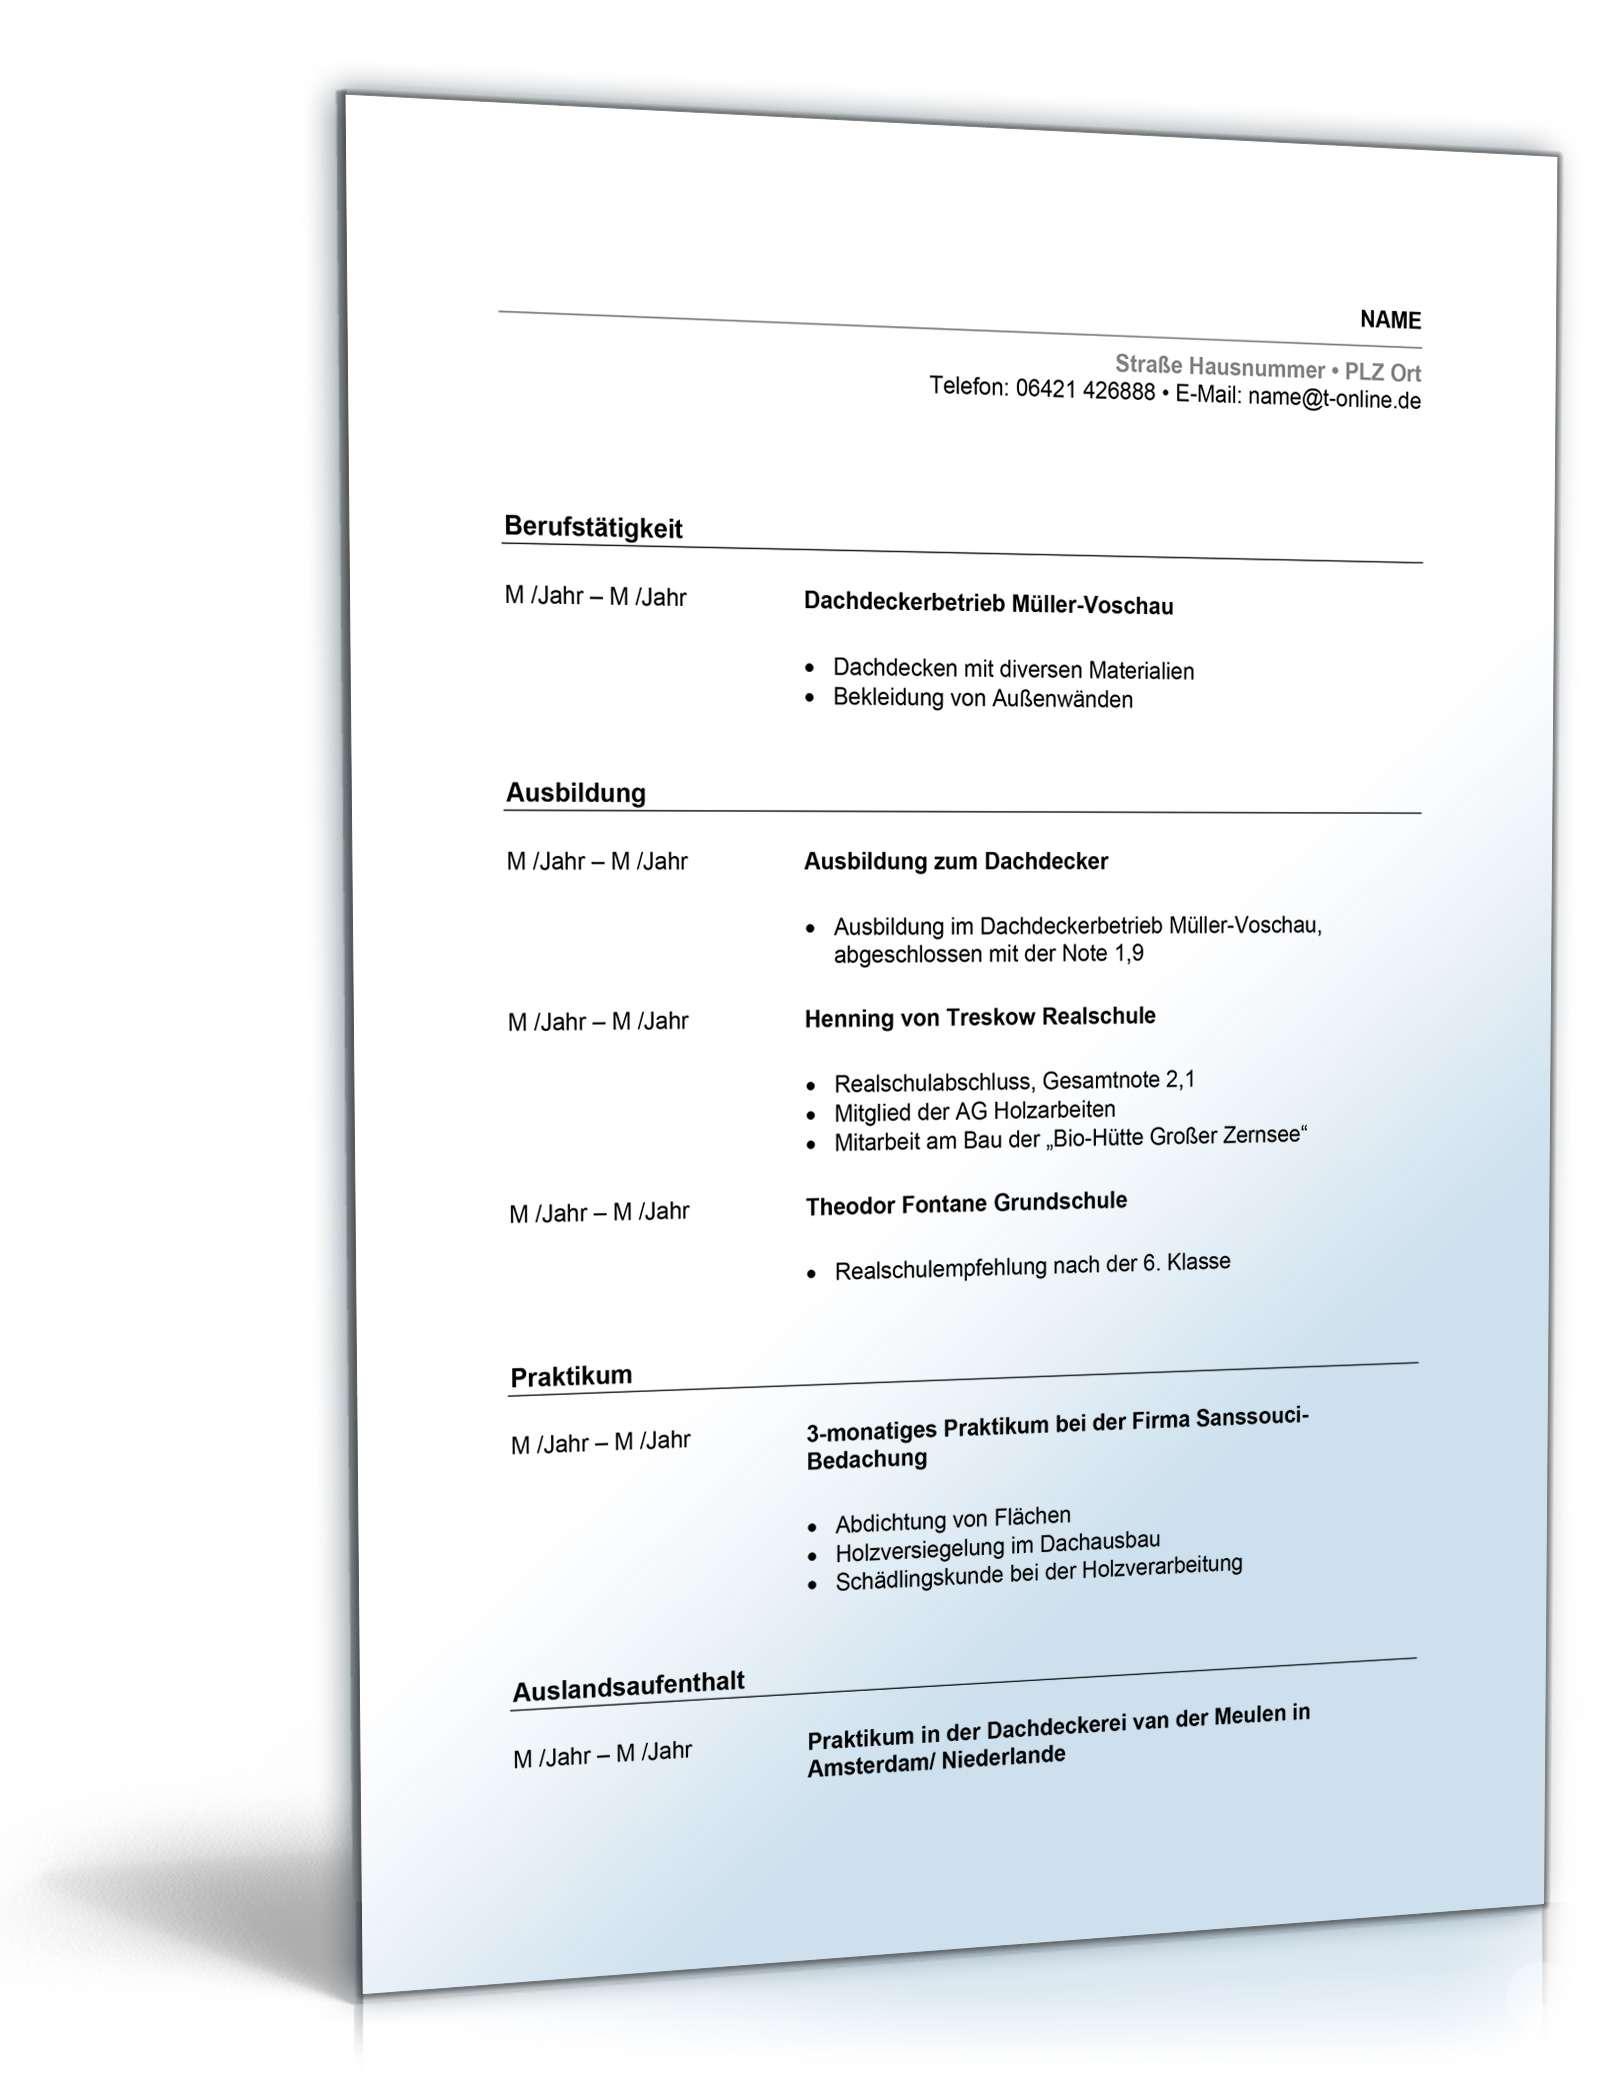 Niedlich Probe Pflege Lebenslauf Klinische Erfahrung Galerie ...